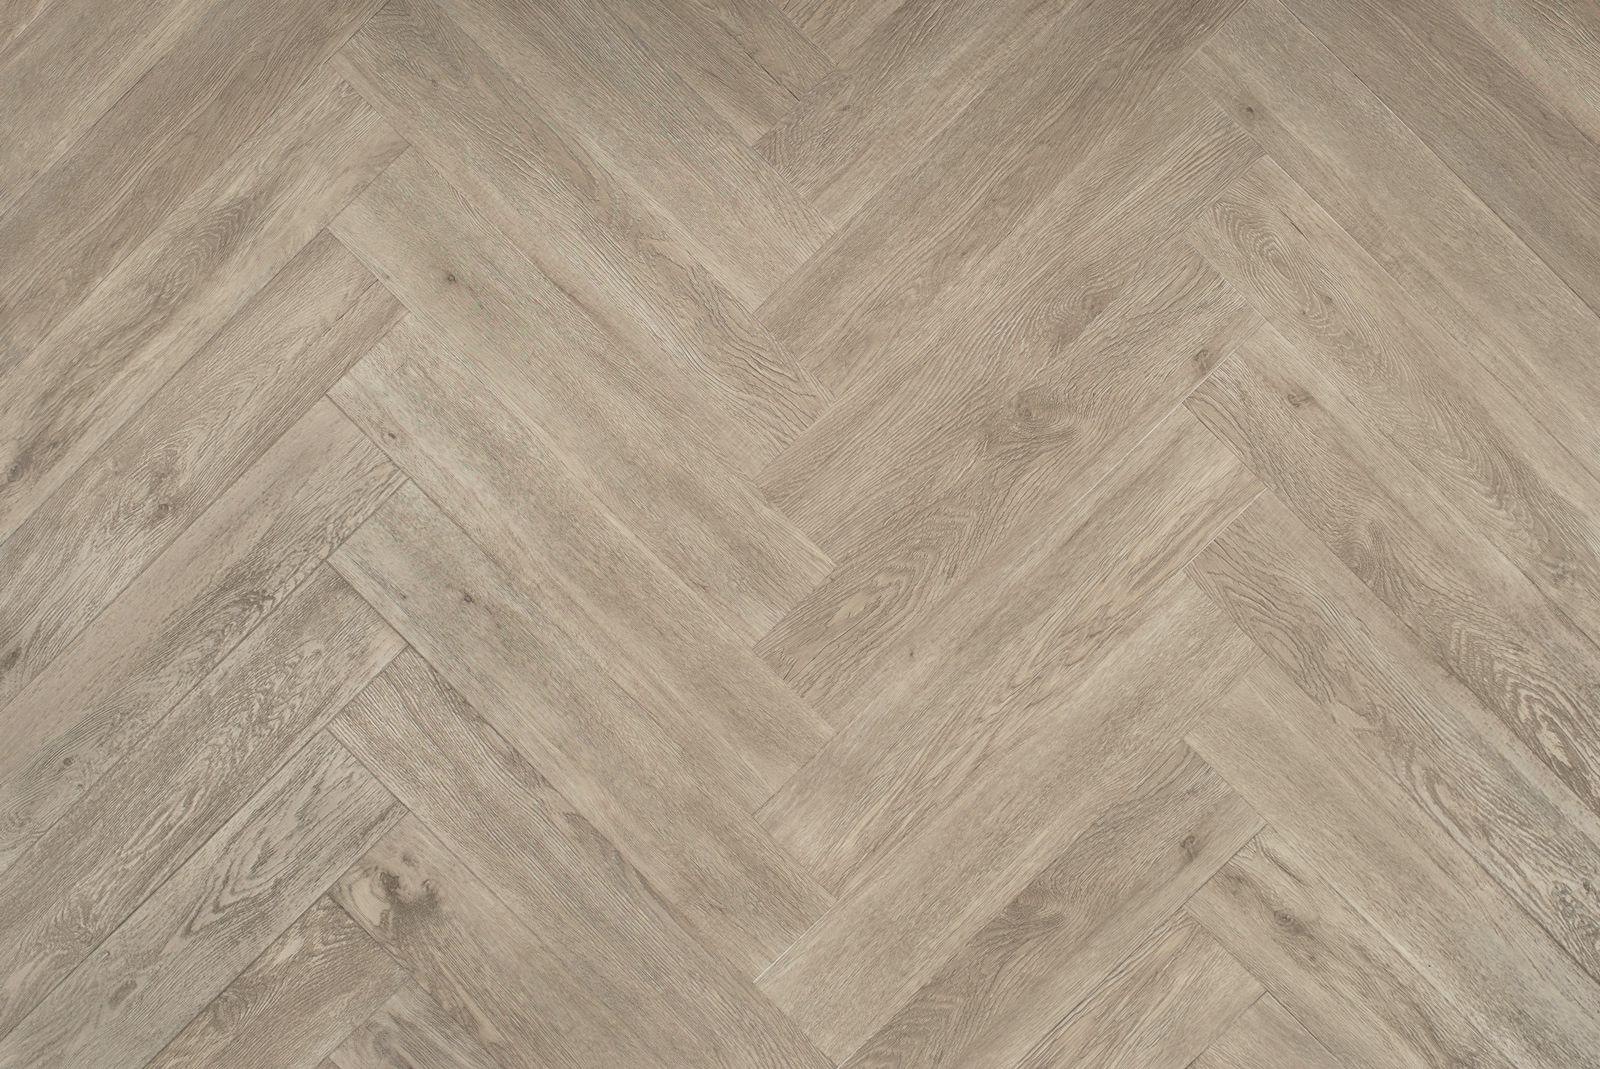 Visgraat Vloer Grijs : Floer visgraat pvc vloeren grijsbeige eiken cm wit vloer